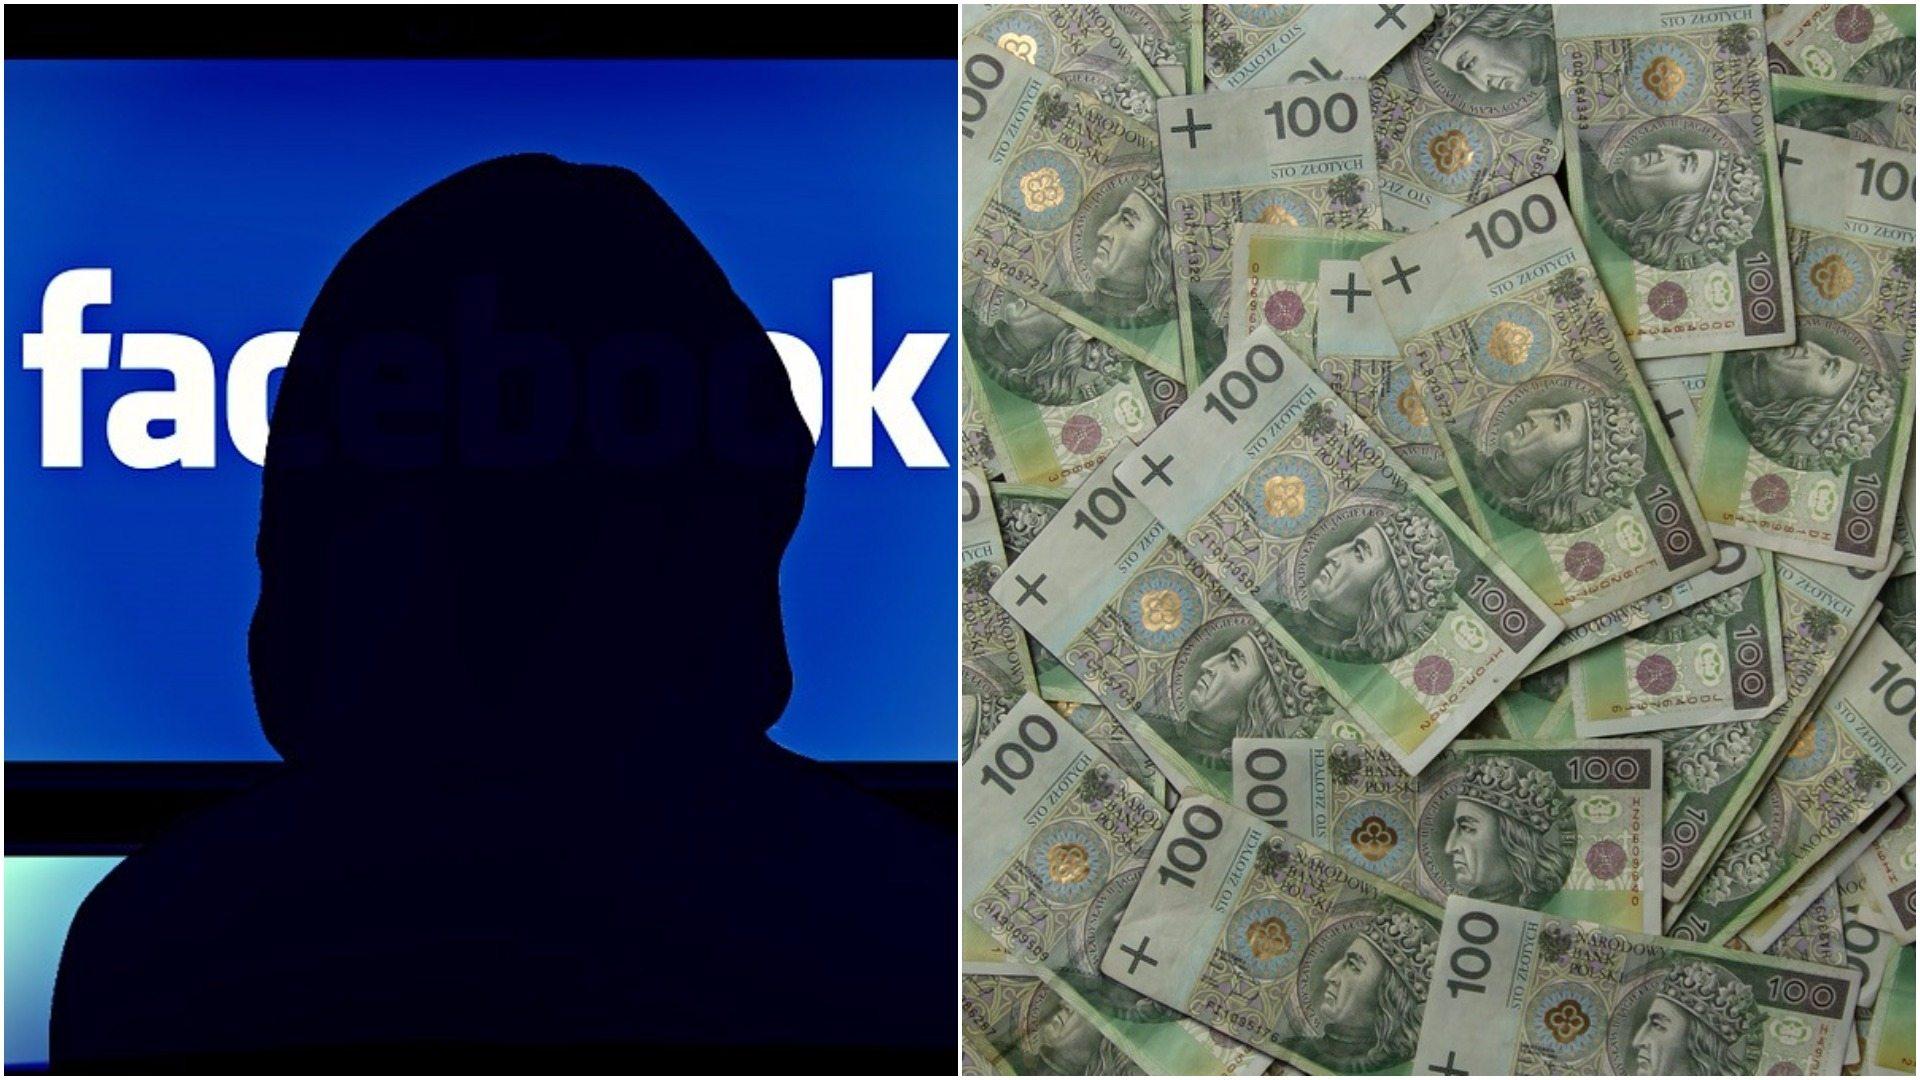 Dziesiątki tysięcy Polaków ofiarami kolejnego oszustwa na Facebooku. Uważajcie!